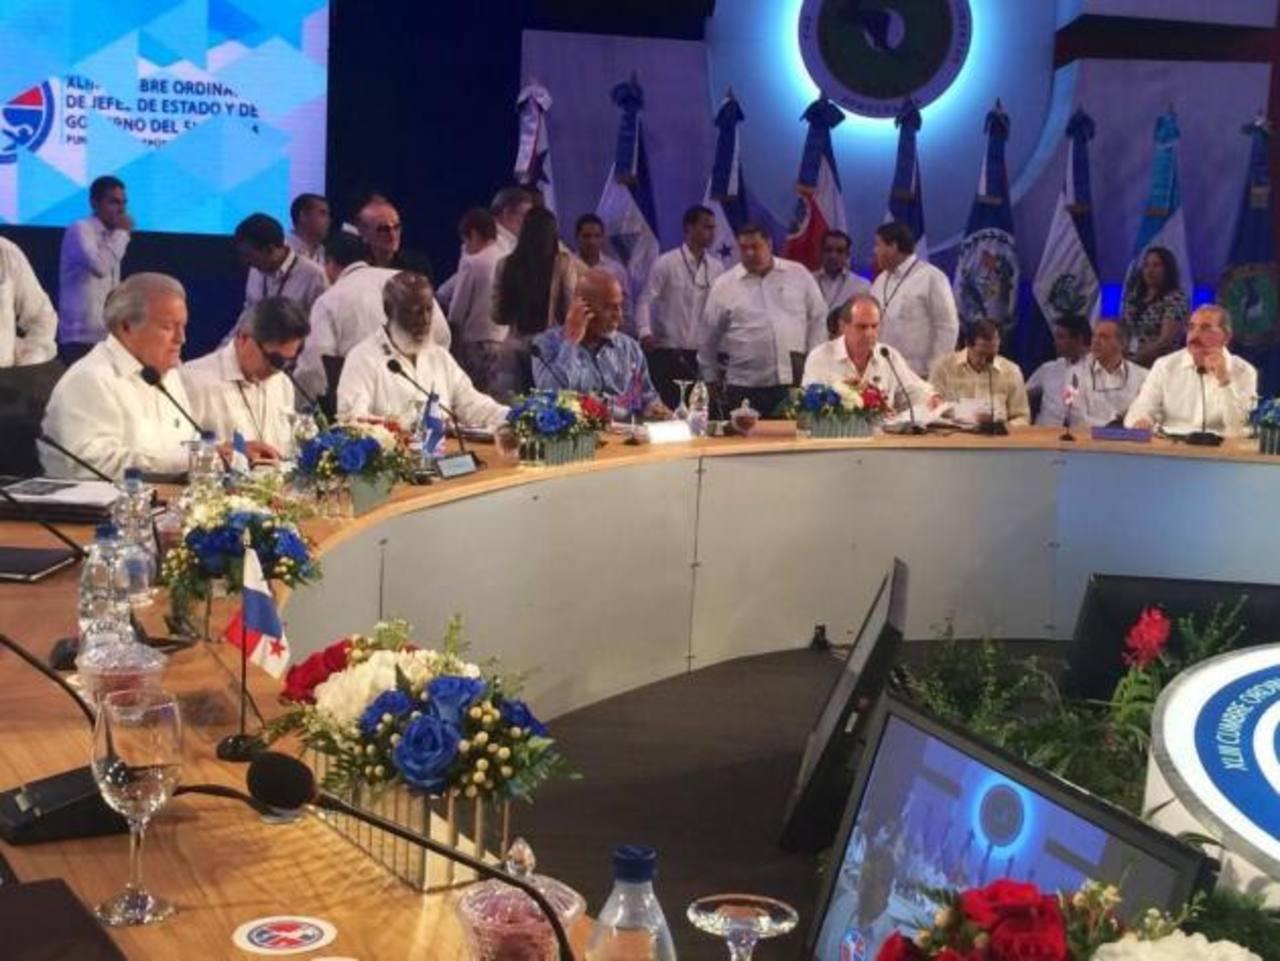 Presidente salvadoreño entre mandatarios en reunión en dominicana.